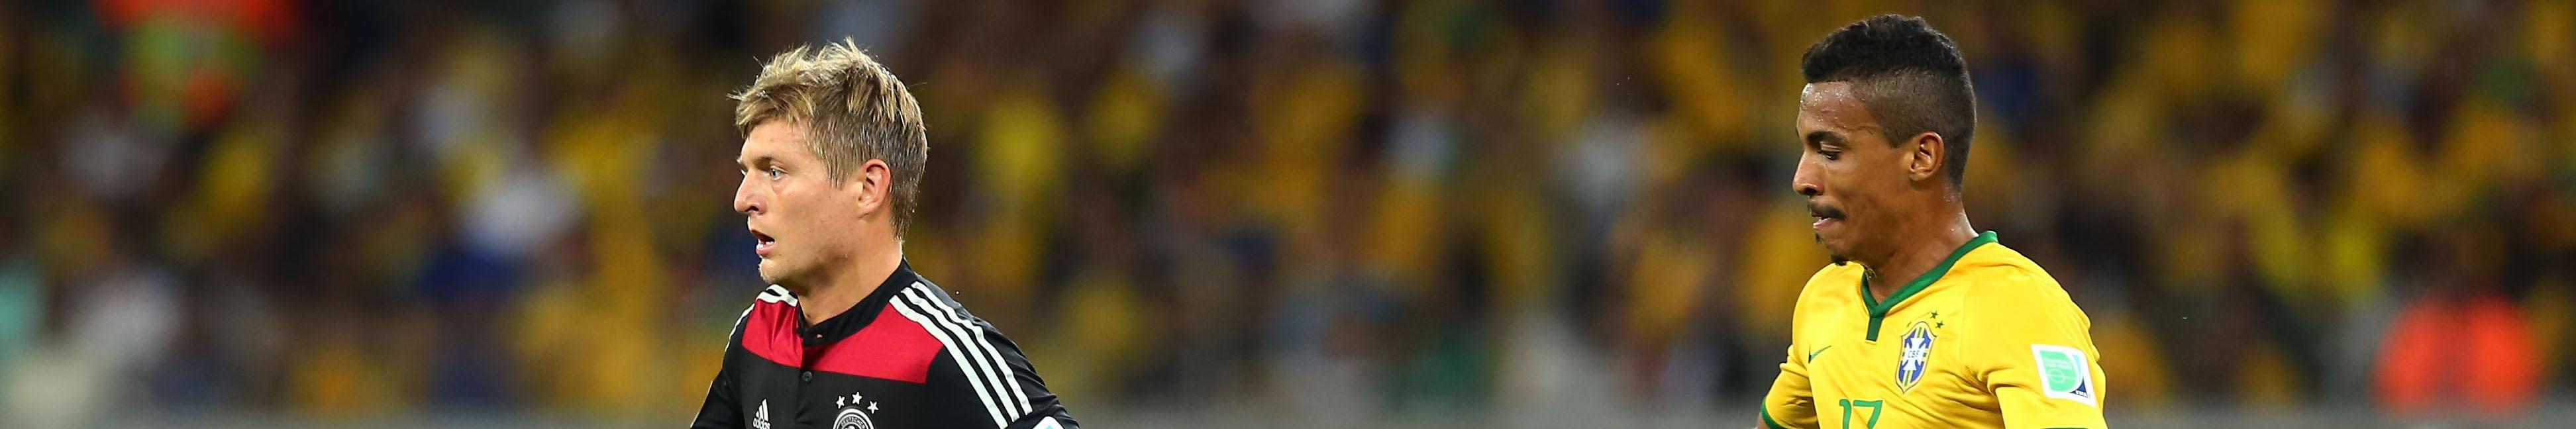 Deutschland - Brasilien: Das vorweggenommene Endspiel